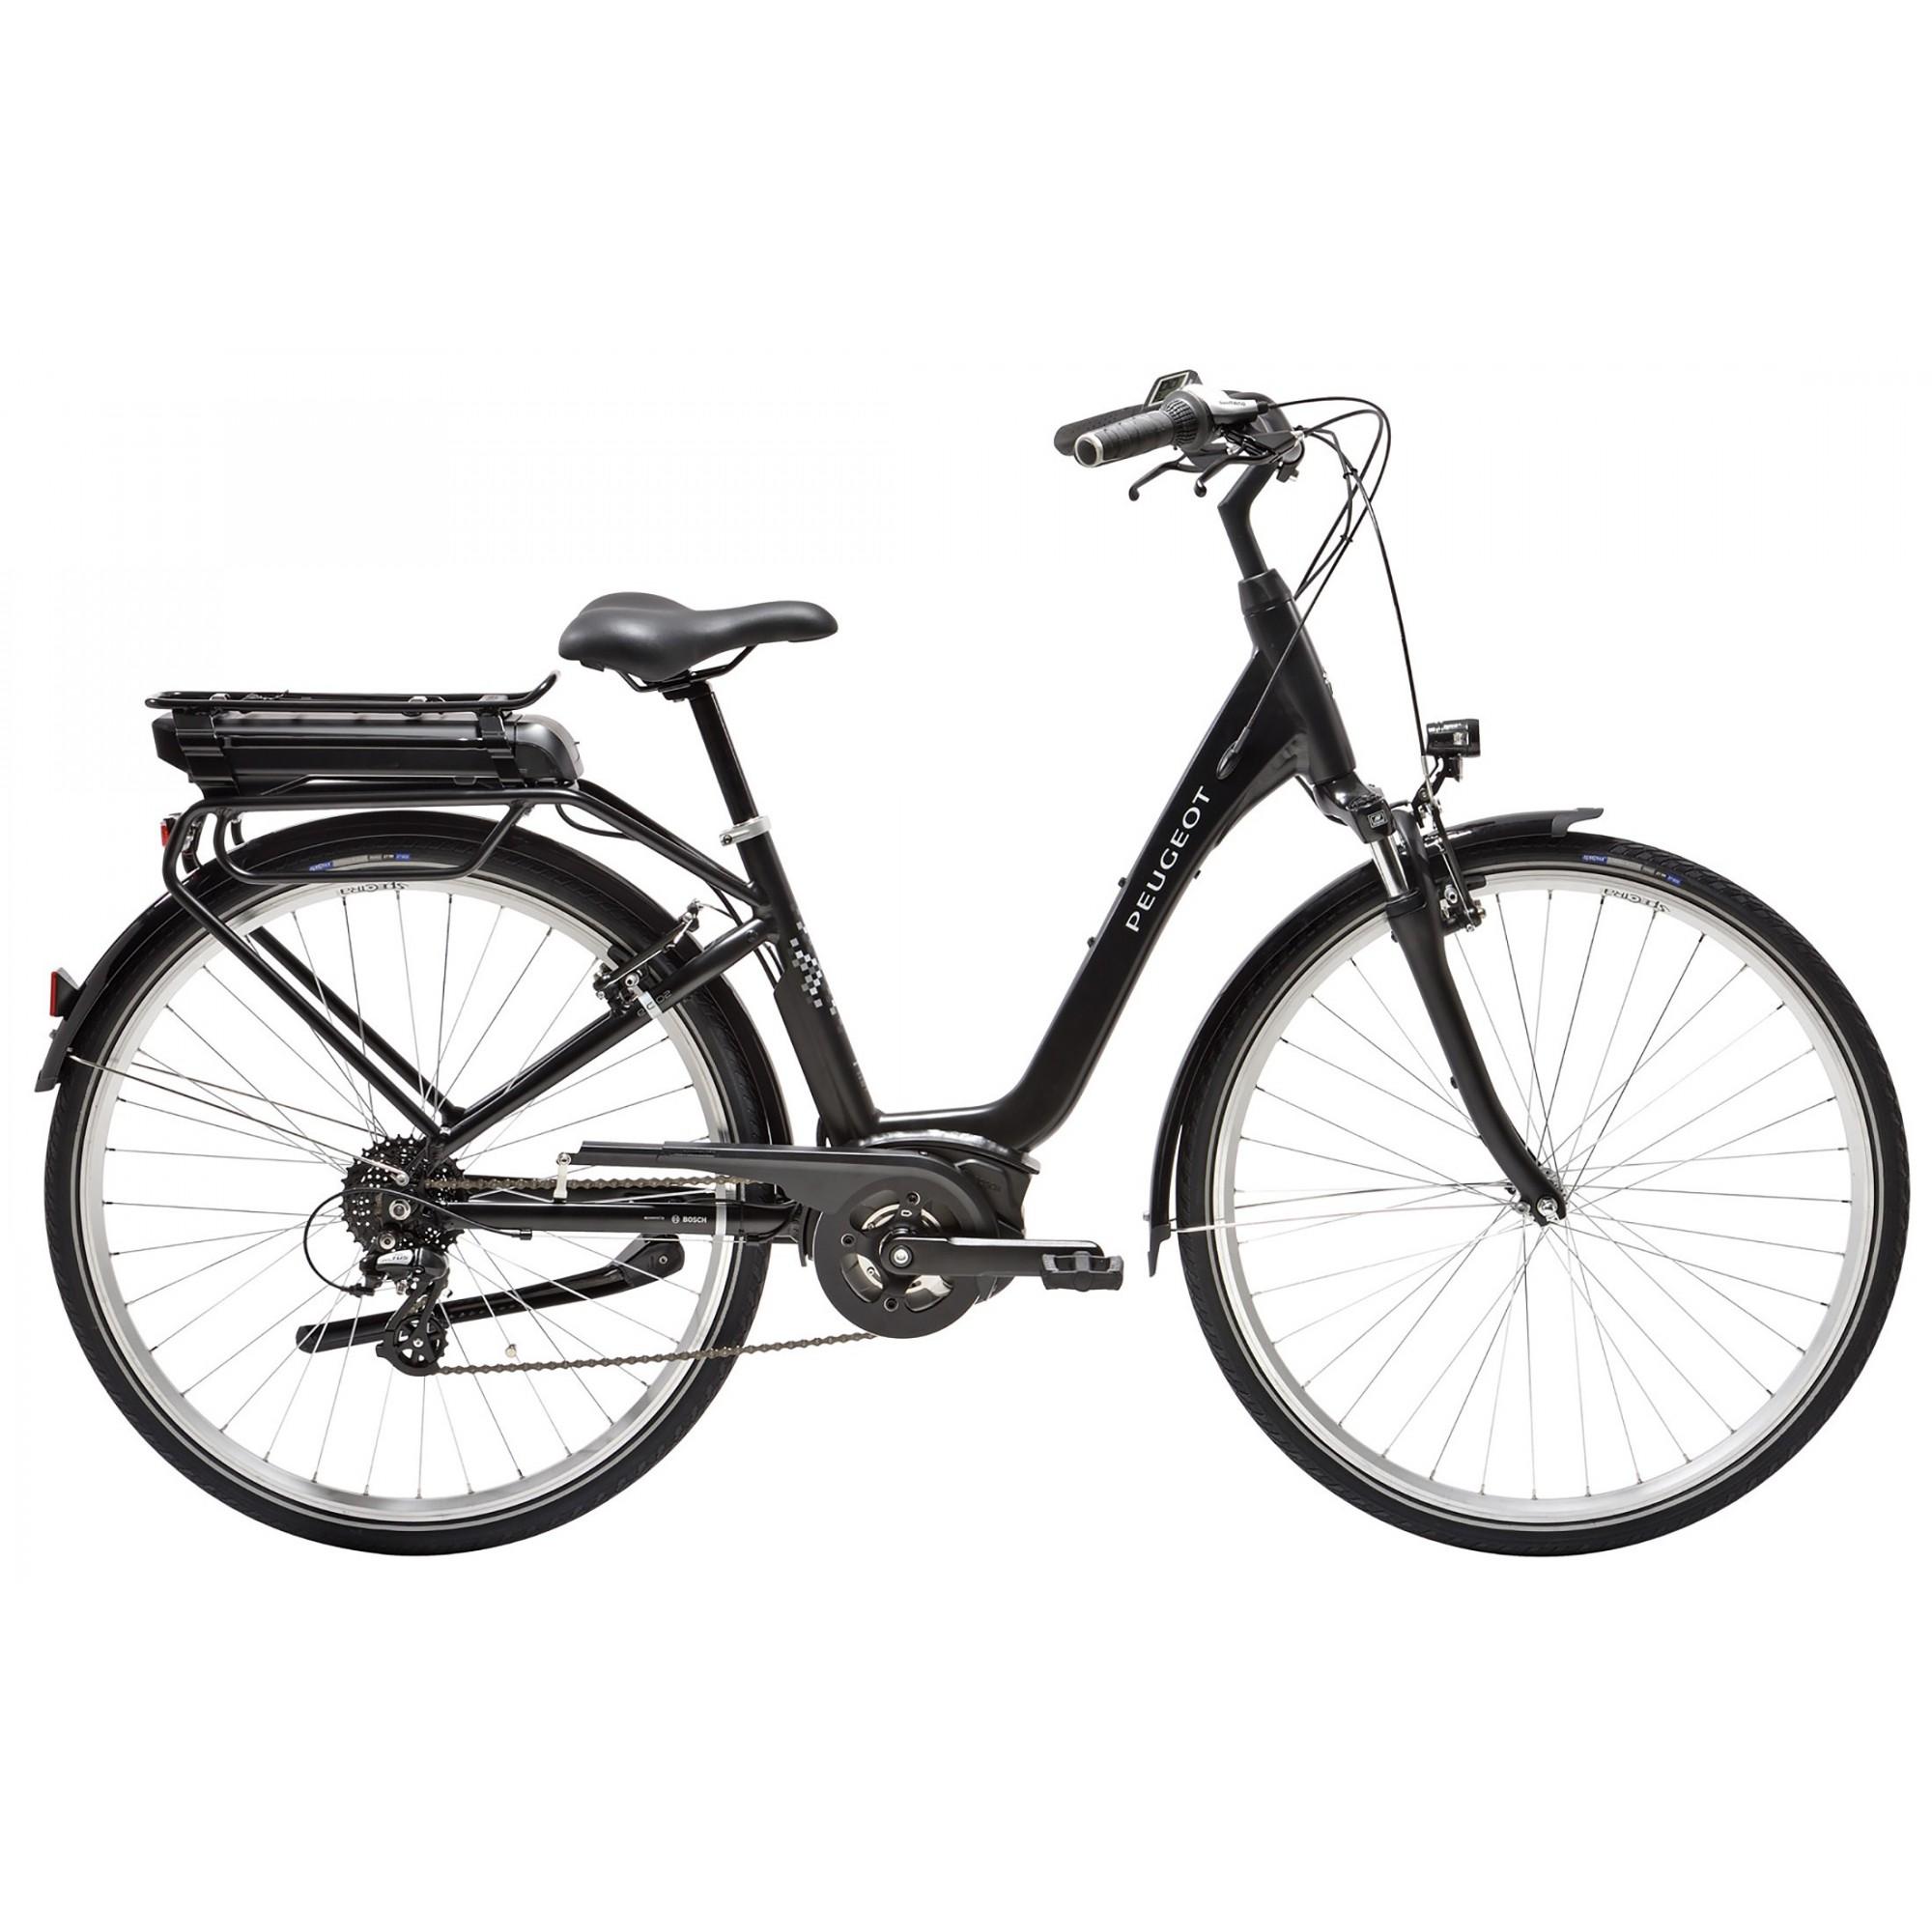 VÉLO ÉLECTRIQUE PEUGEOT eC02 Bosch 2019 • Vélozen ••• Vélo électrique &  VTTAE en Bretagne